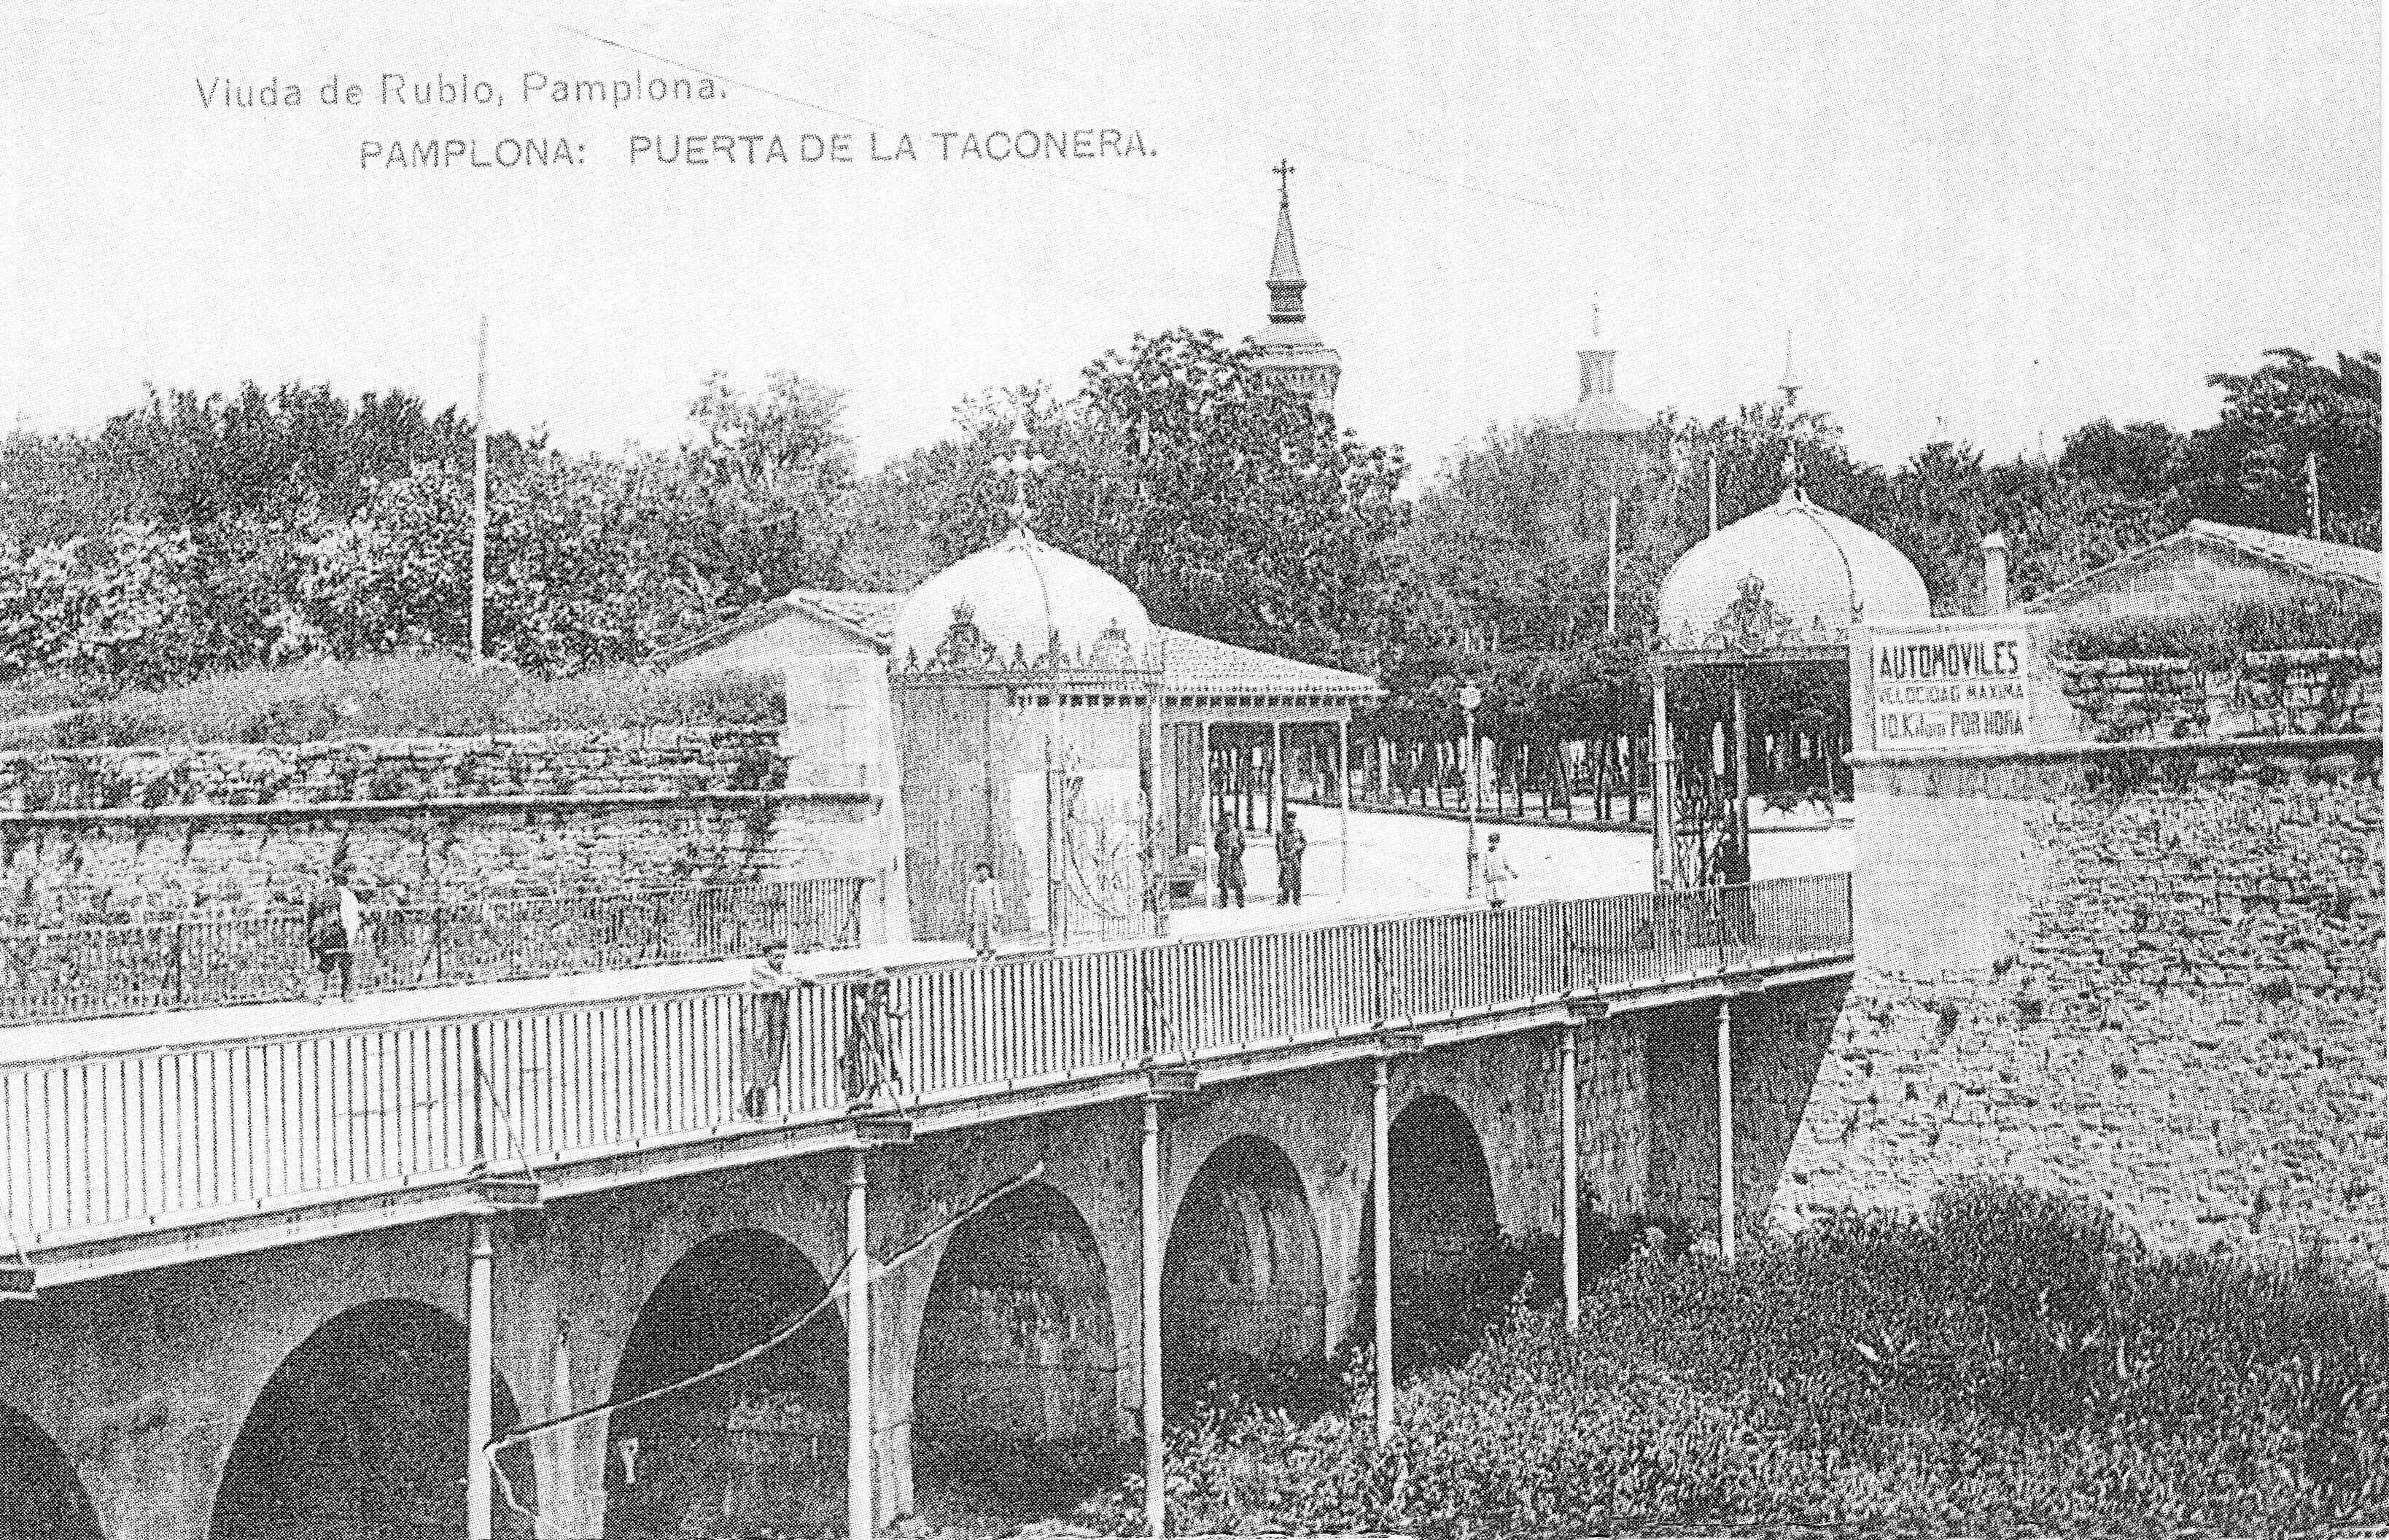 Pamplona 1900 La Taconera 5